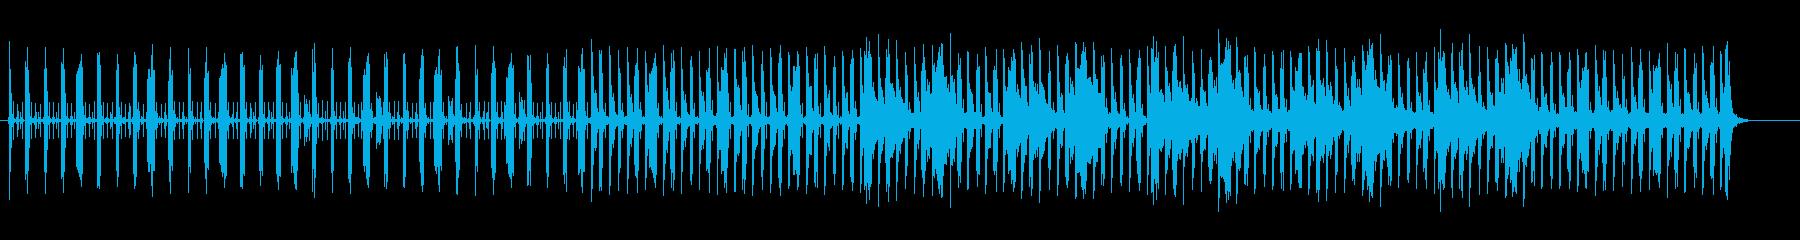 ビートが強調された独特なノリのBGMの再生済みの波形